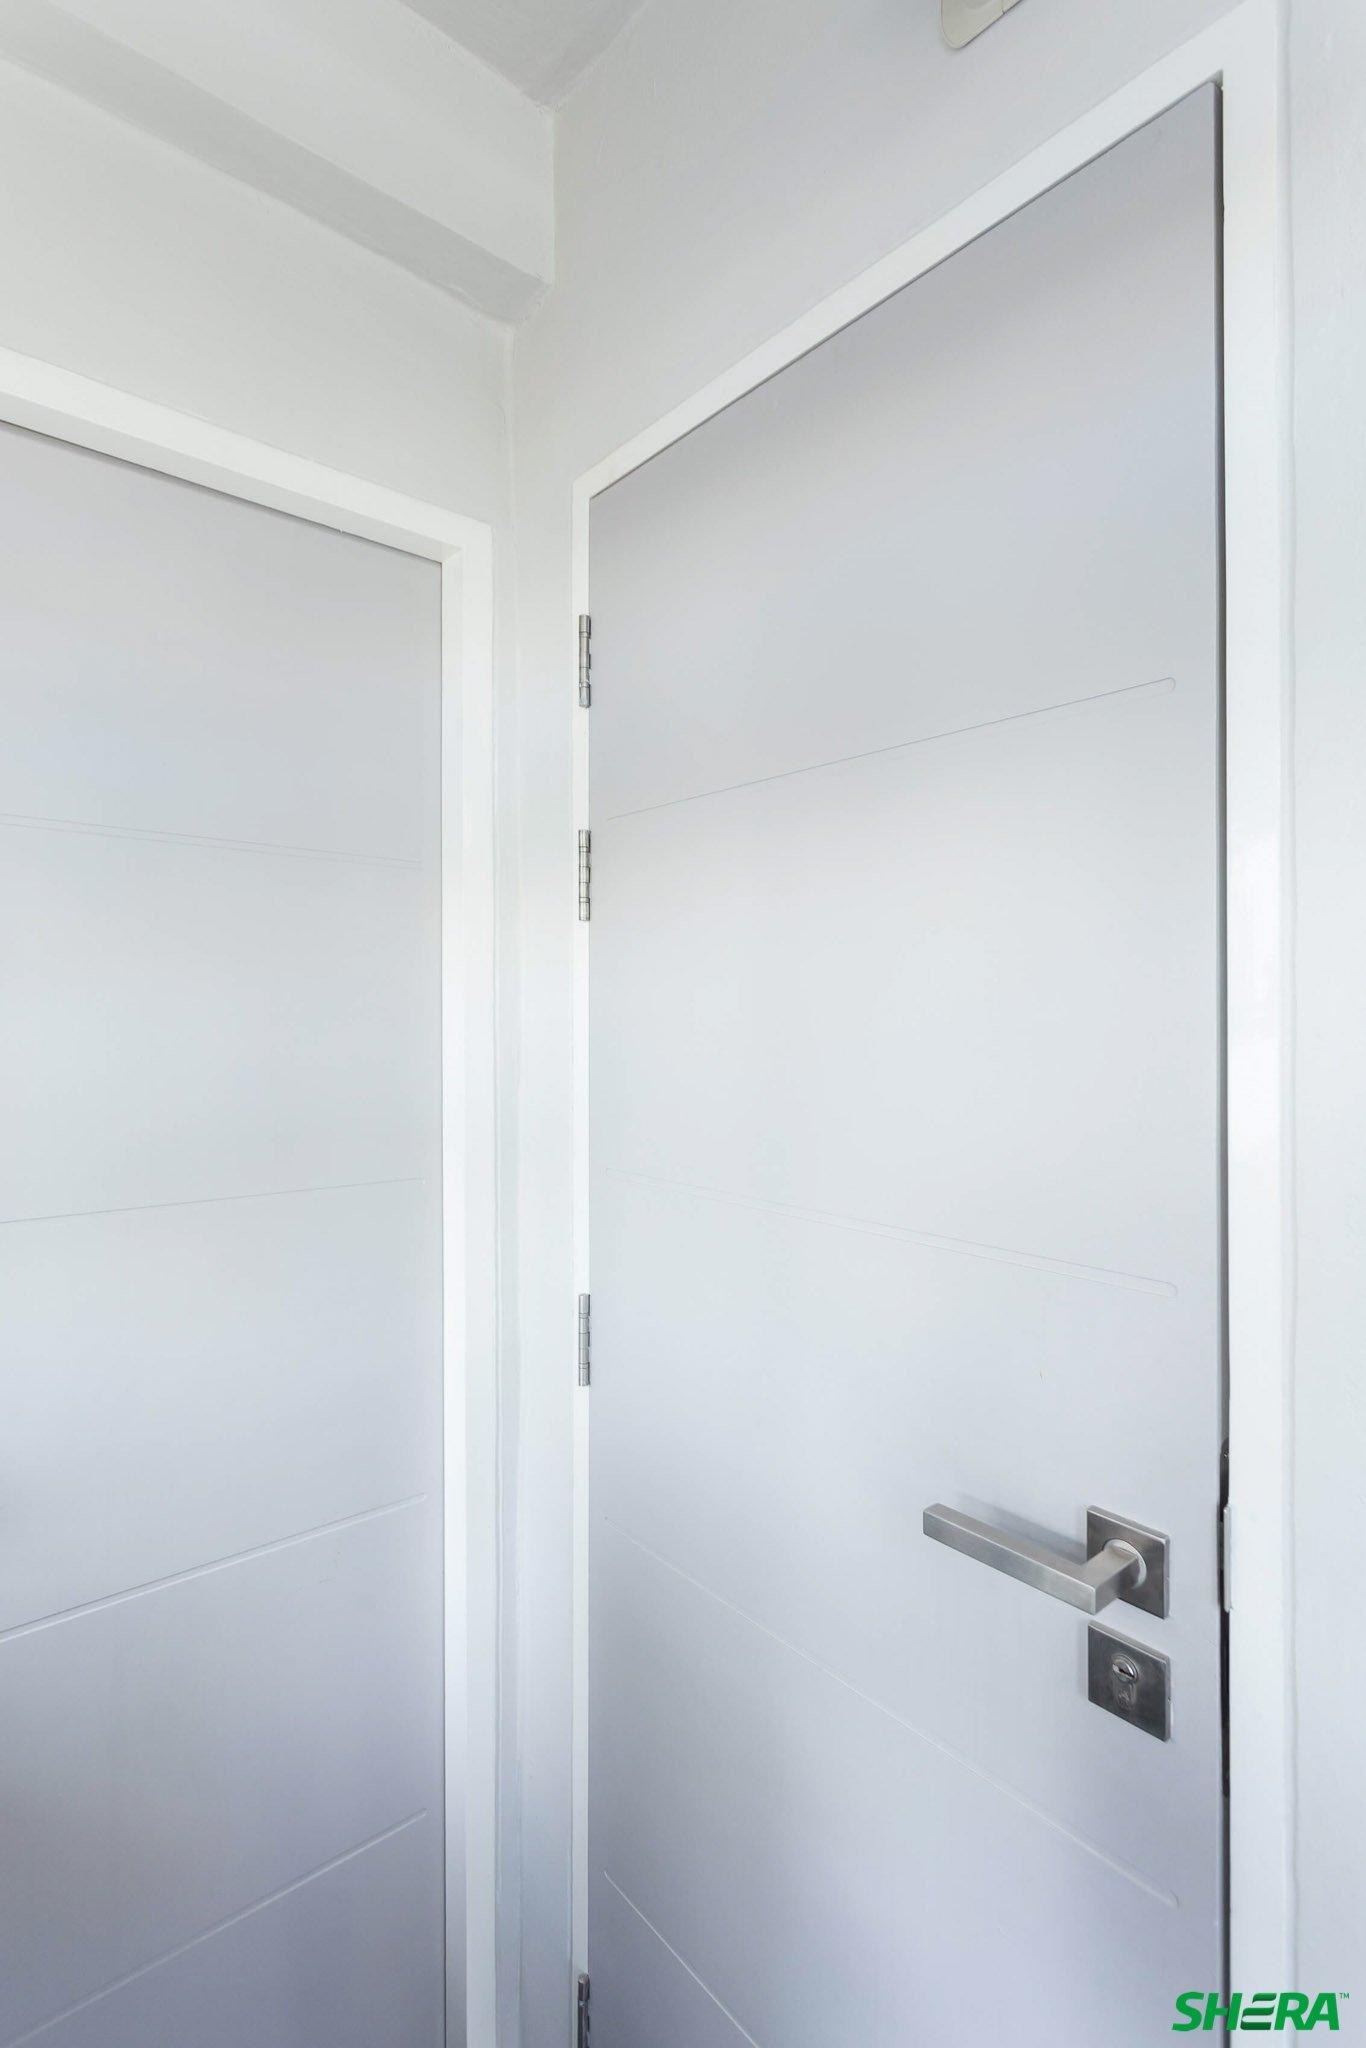 รีโนเวทบ้าน แปลงคอนโดเก่าเป็นสไตล์ Loft และประตูสวยทนด้วยไฟเบอร์ซีเมนต์จาก Shera 34 - fiber cement wood